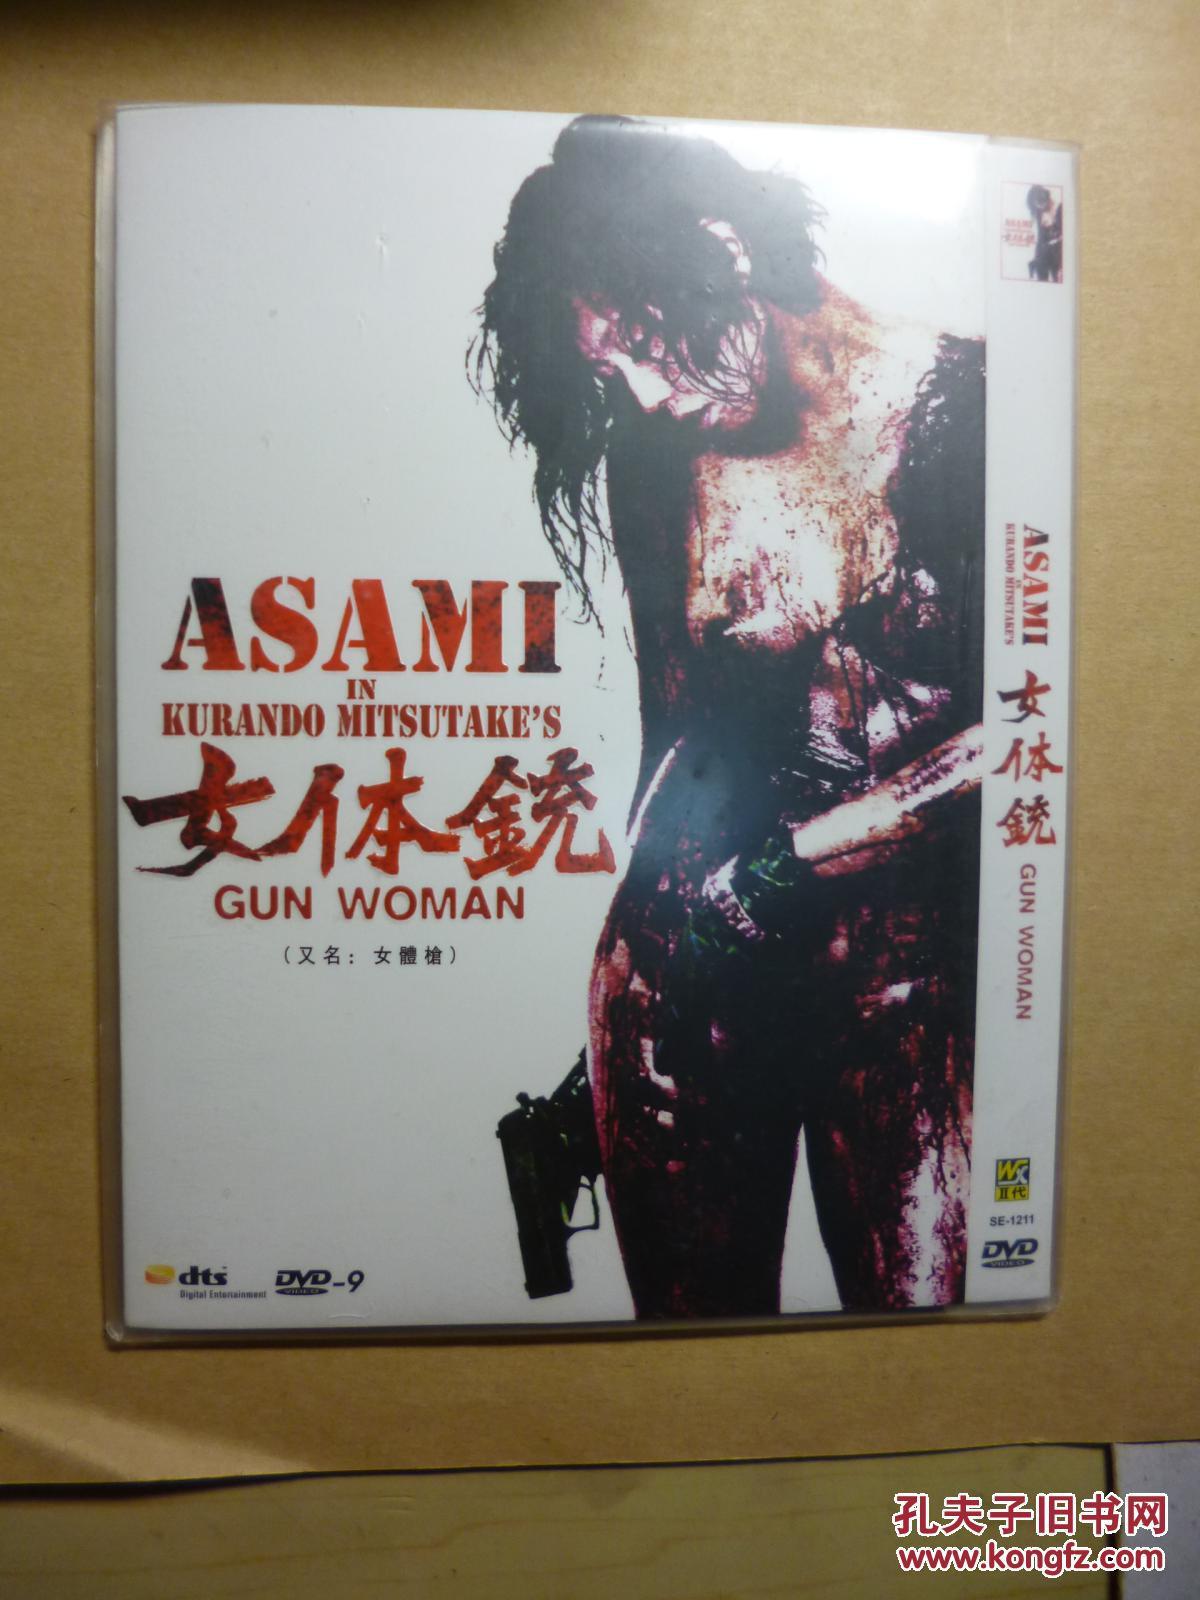 女���*:!&���&d9�-�`_d9 女体铳 女体铳 ガンウ`マン gun woman 导演: 光武藏人 1碟 版本